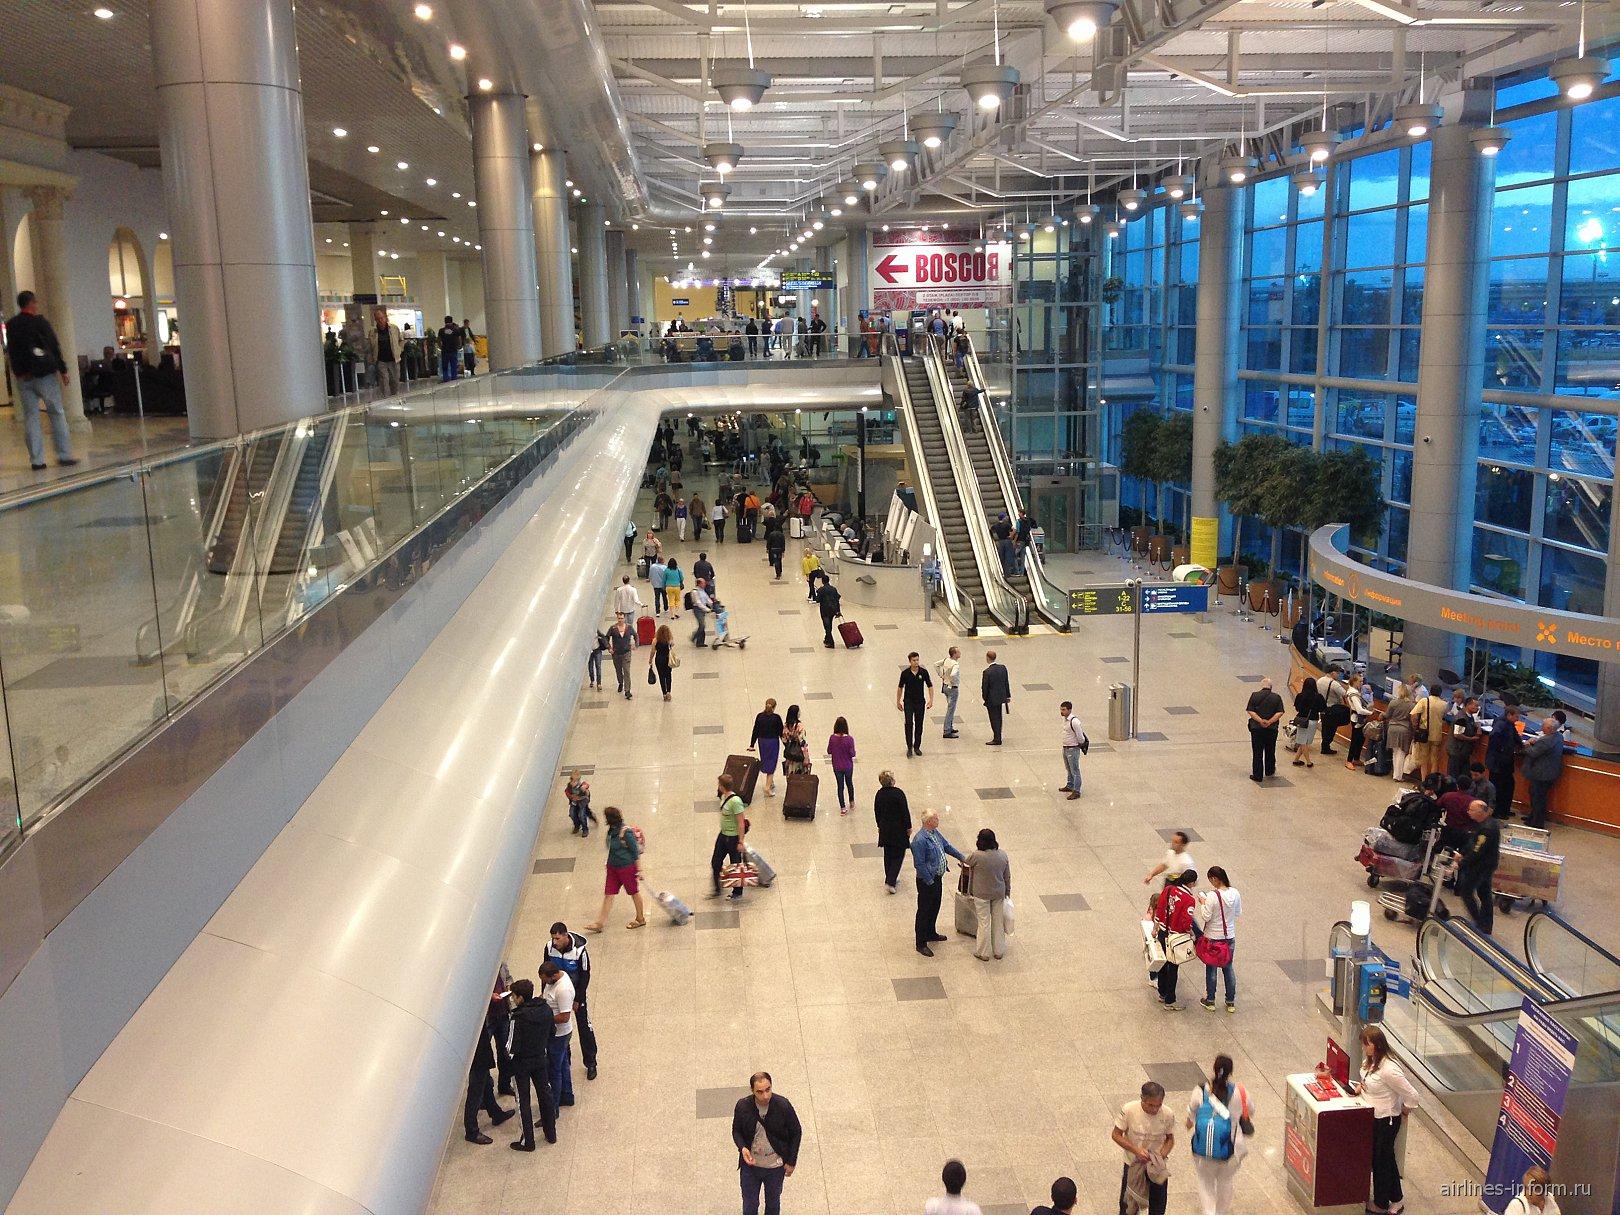 В аэровокзале аэропорта Домодедово